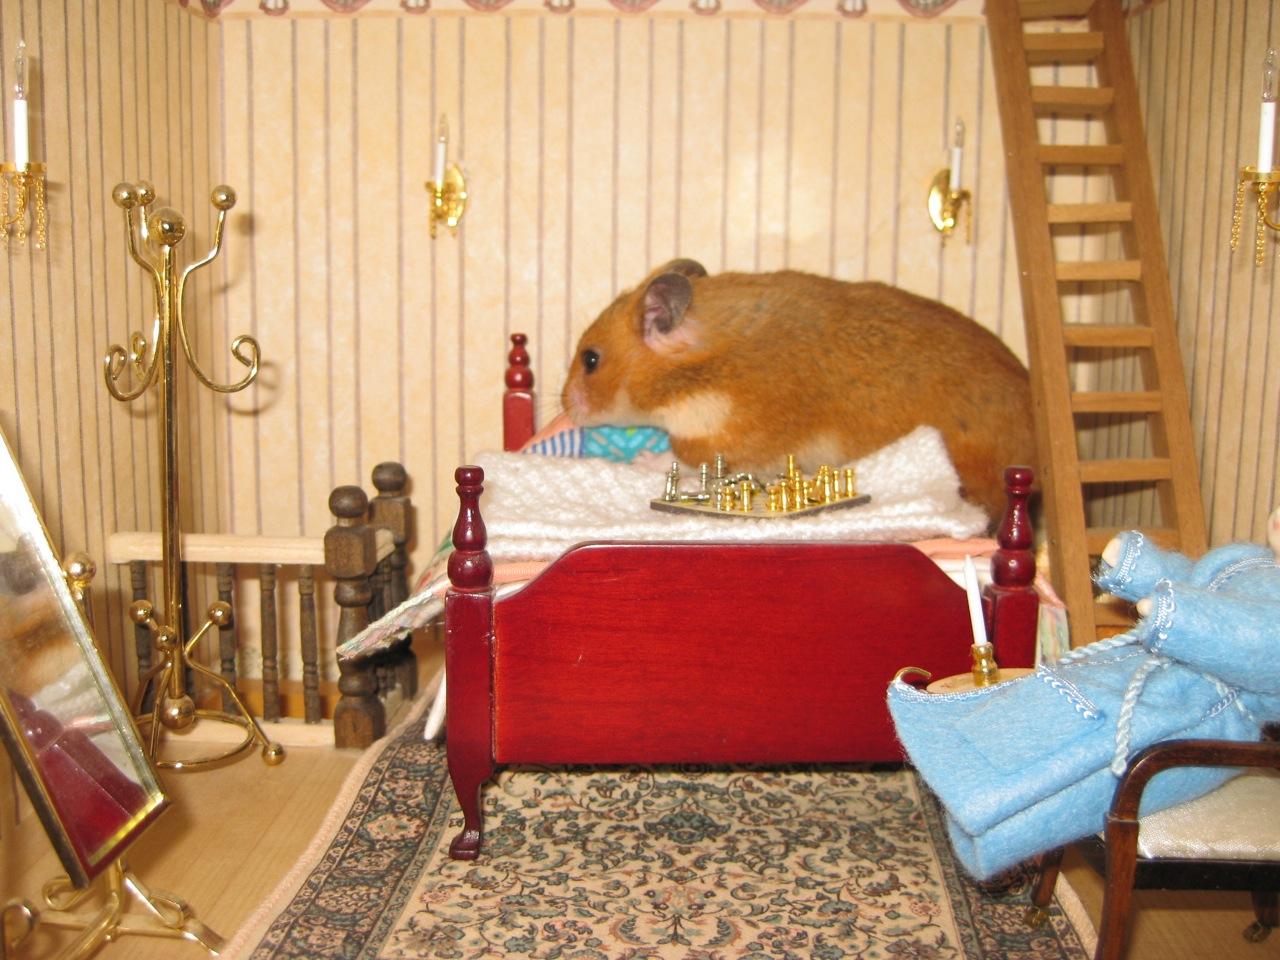 Сделать в домашних условиях домика для хомяка